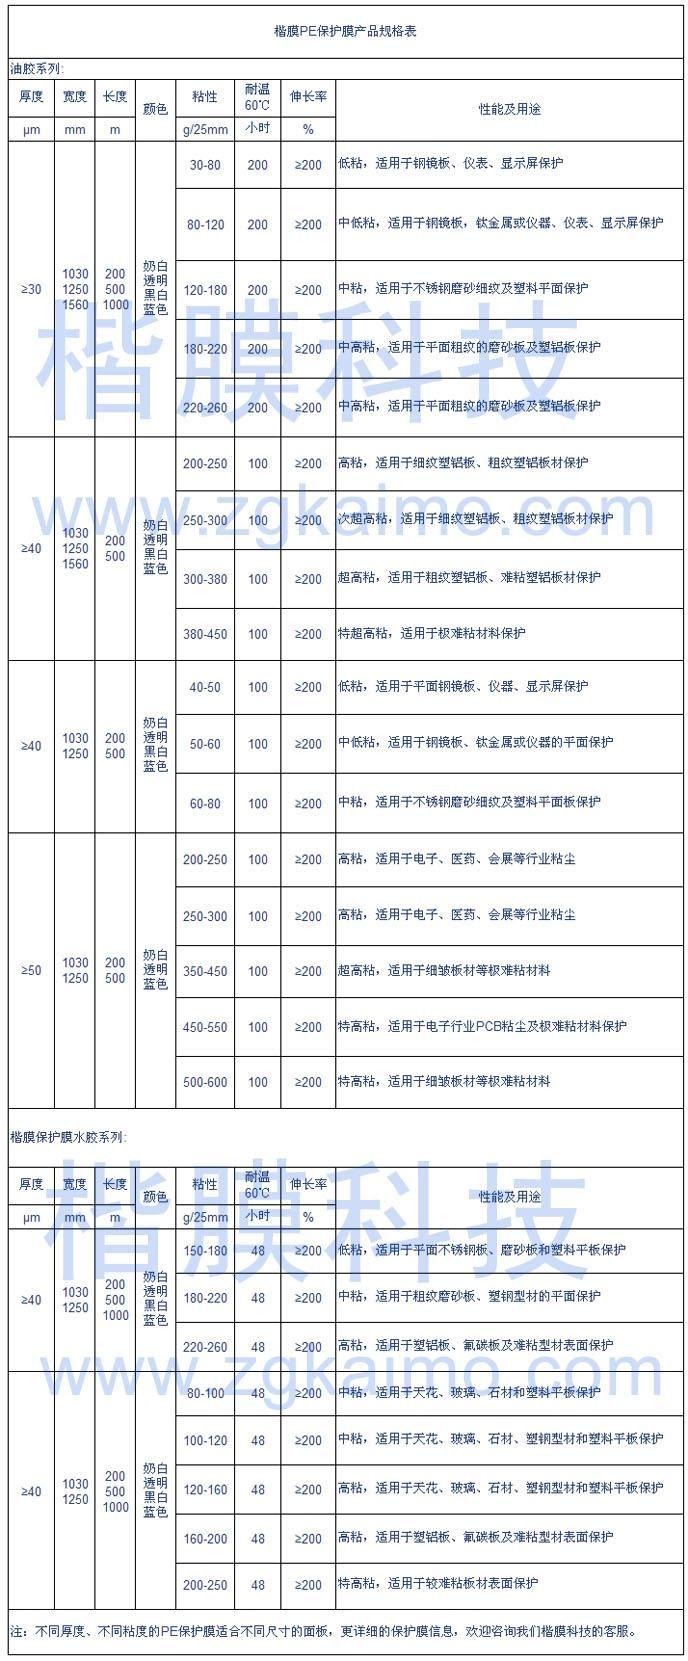 PE保护膜规格表